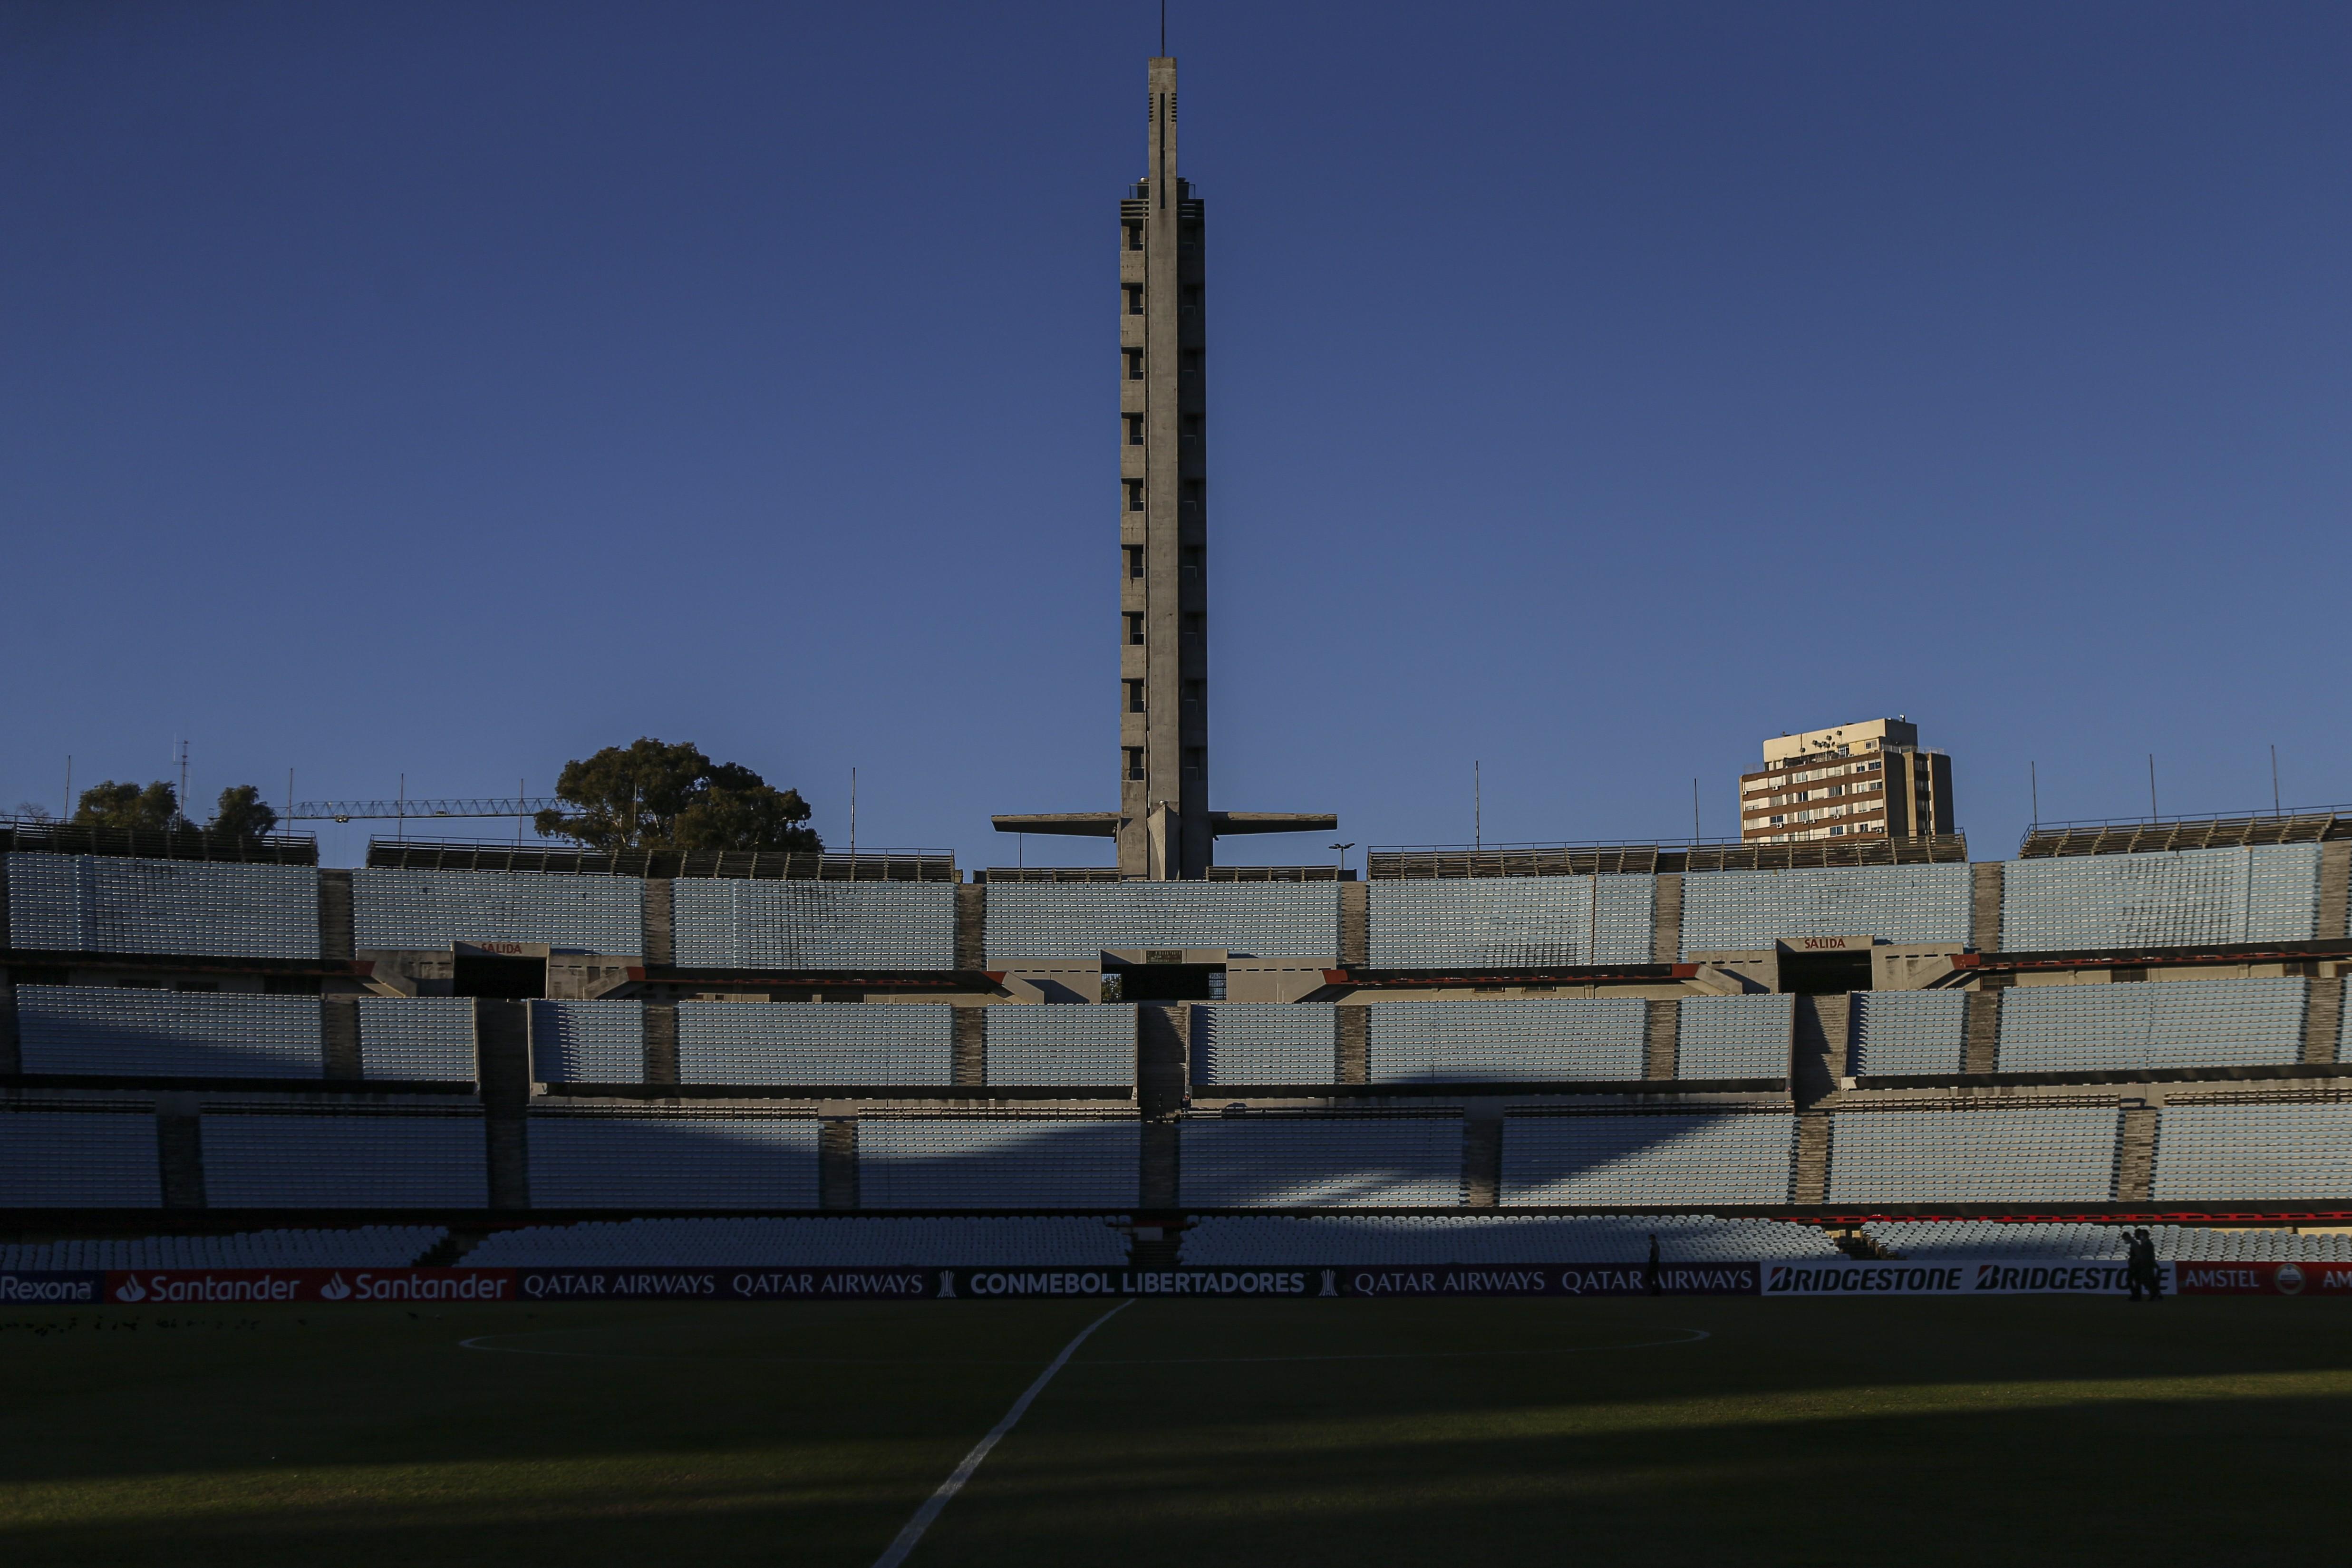 O Estádio Centenário, que será o palco da final